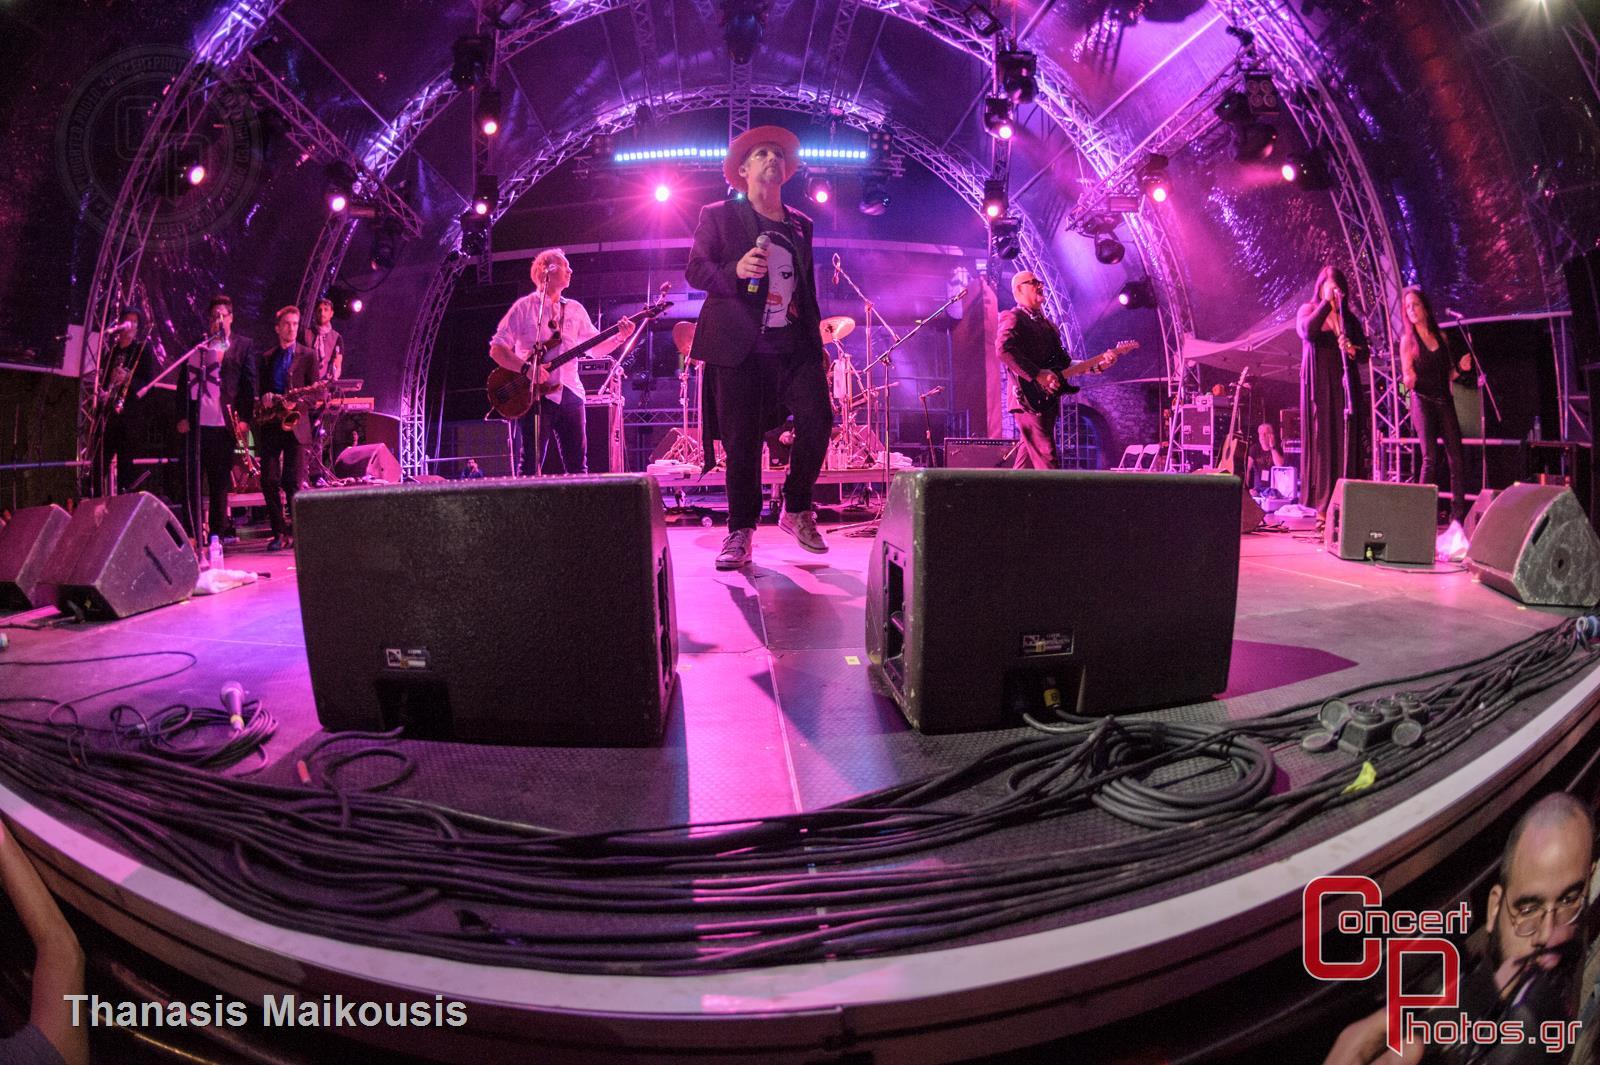 En Lefko 2014-En Lefko 2014 photographer: Thanasis Maikousis - concertphotos_20140621_23_12_53